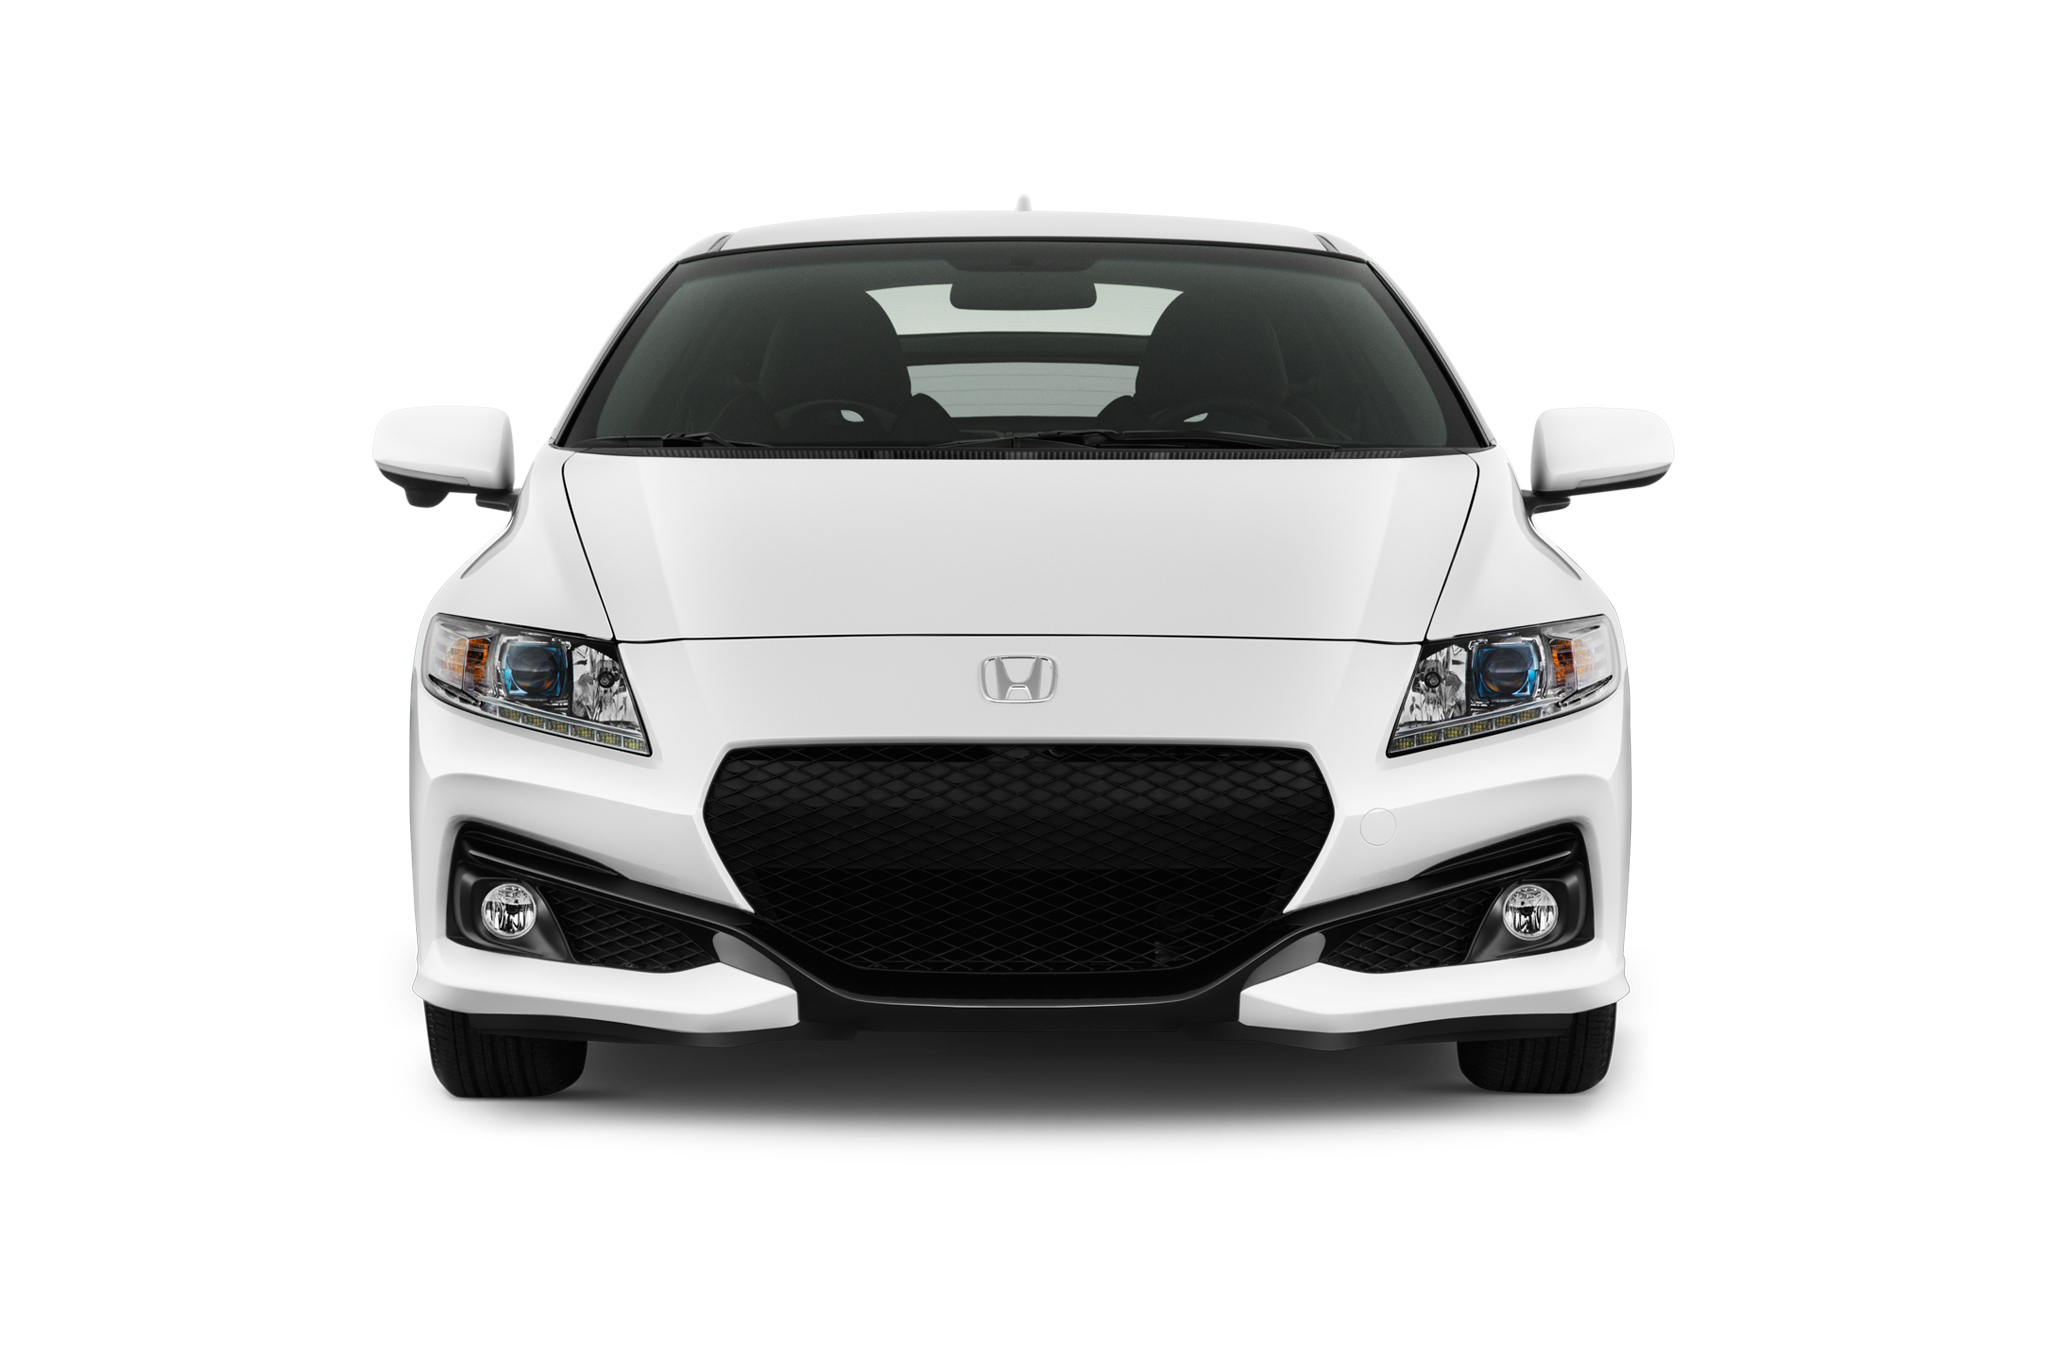 Honda CR-Z 2010 - 2016 Hatchback 3 door #4